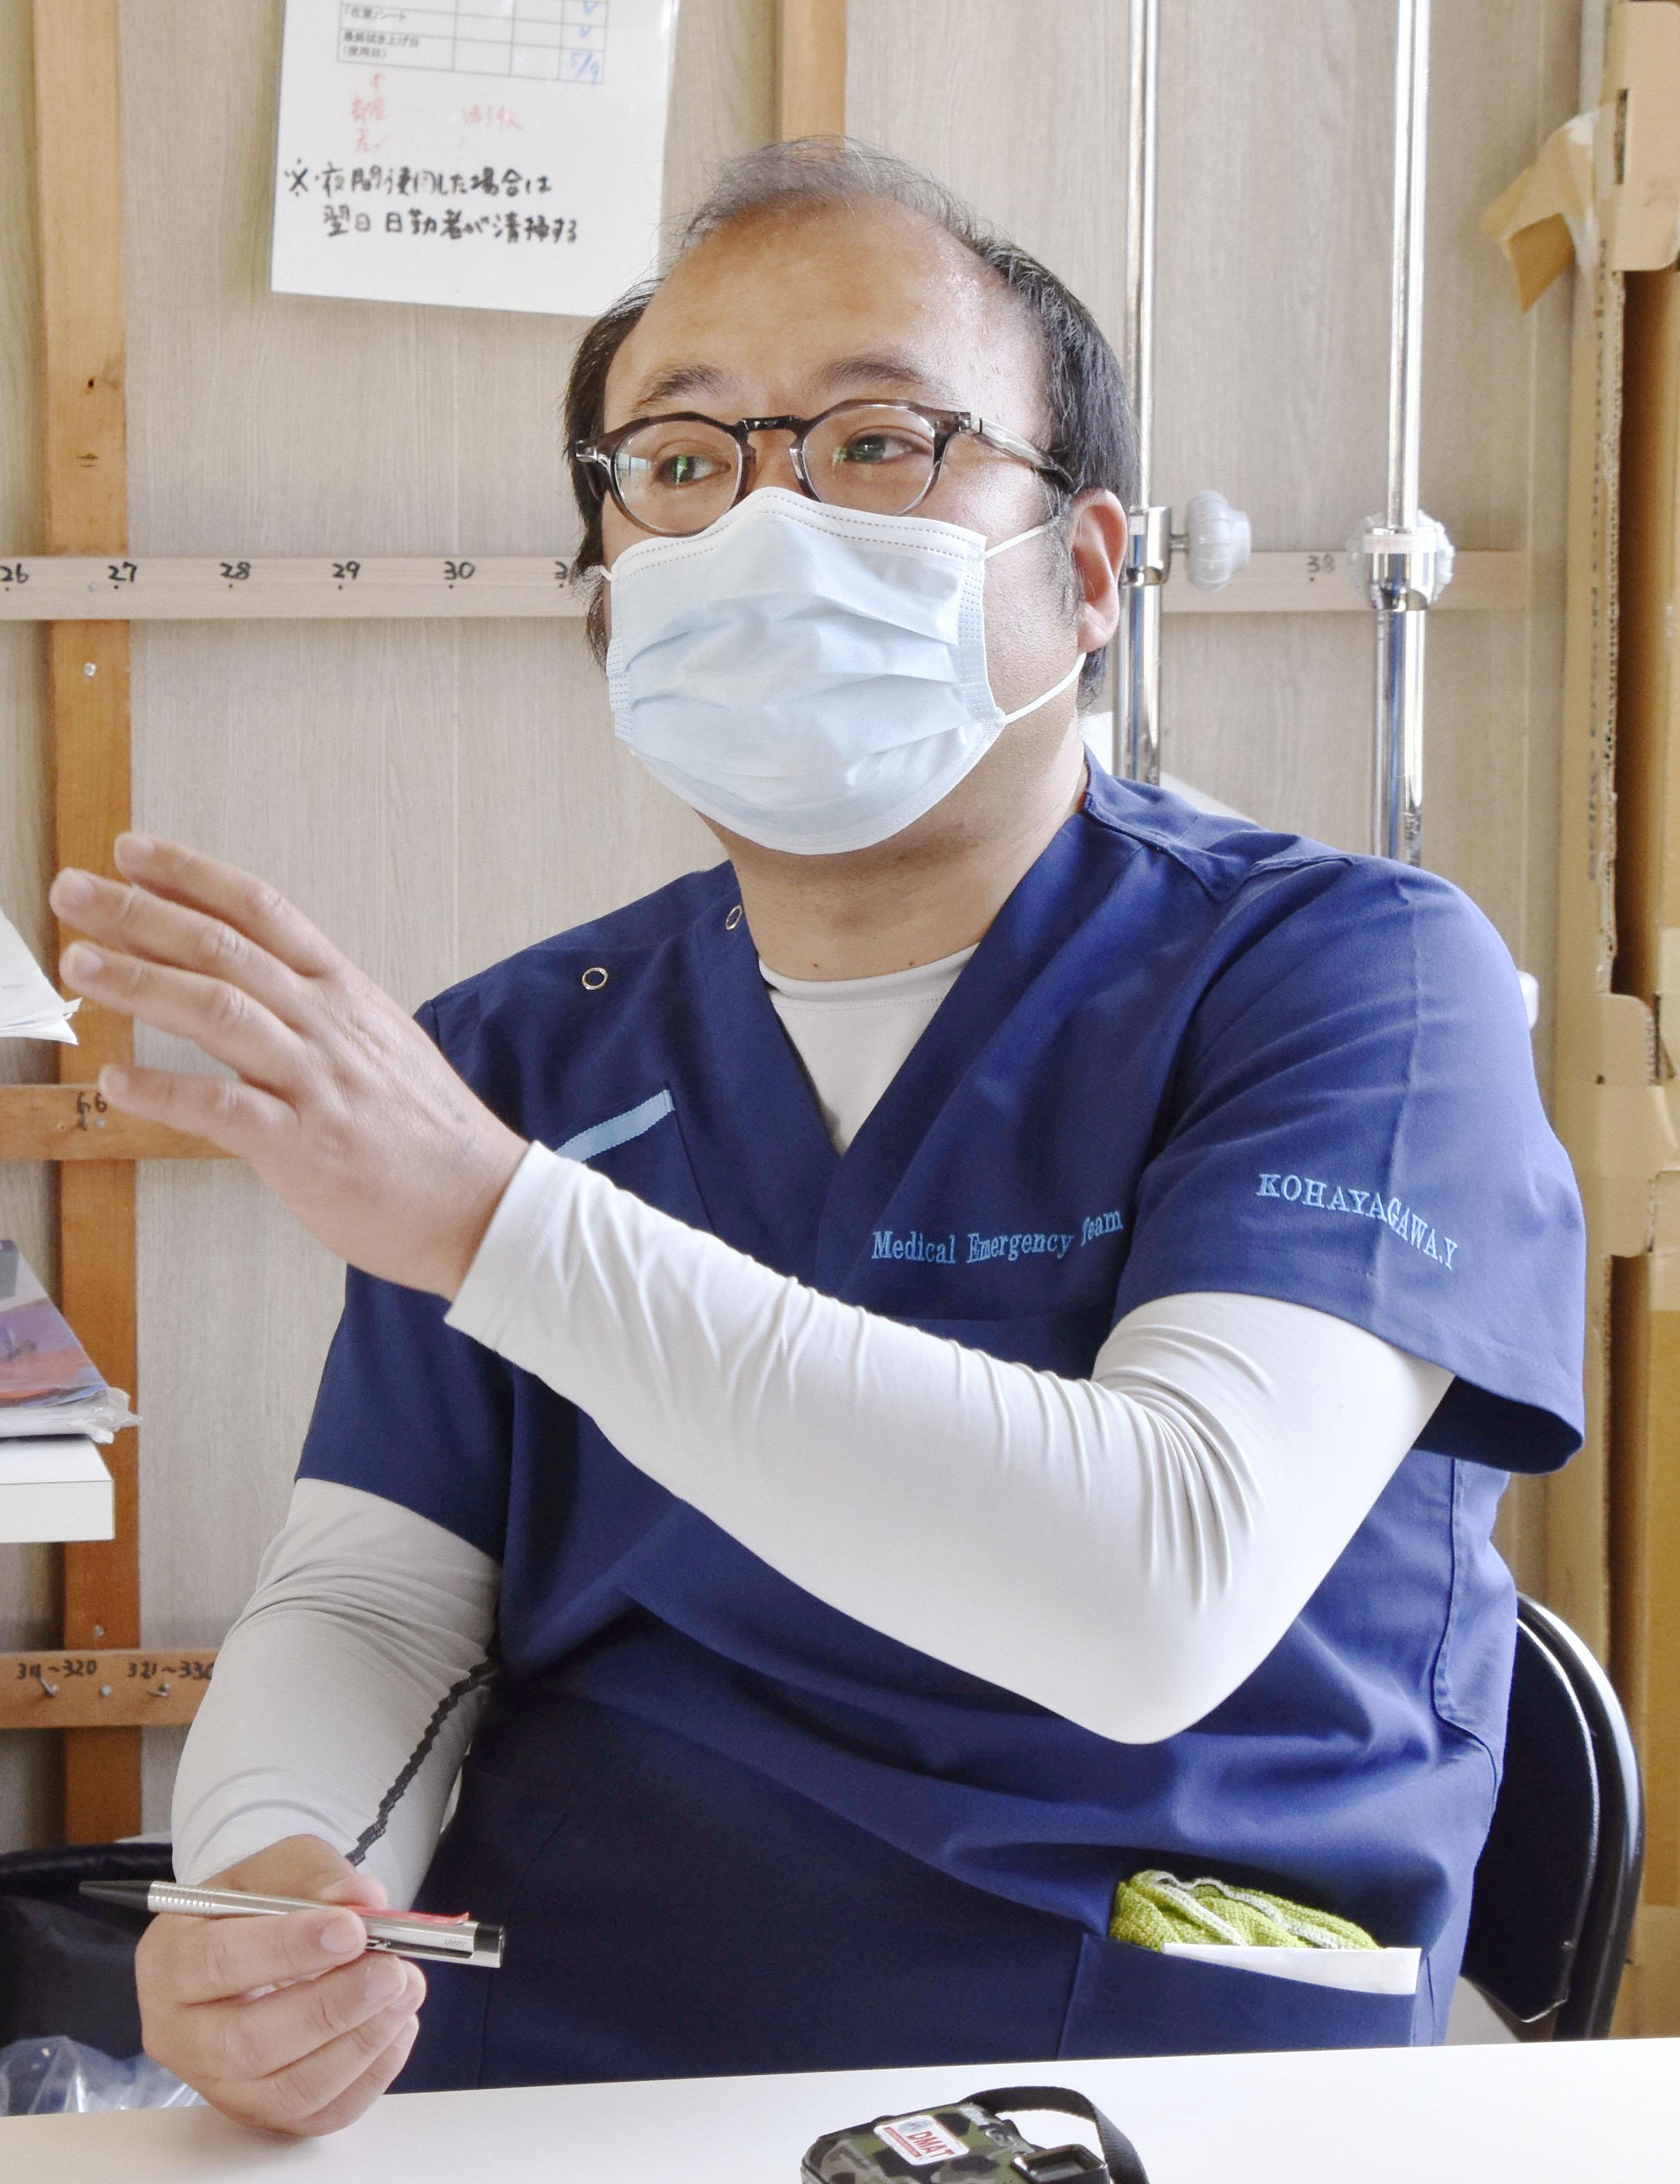 取材に応じる厚労省DMAT事務局の小早川義貴医師=19日午後、長崎市